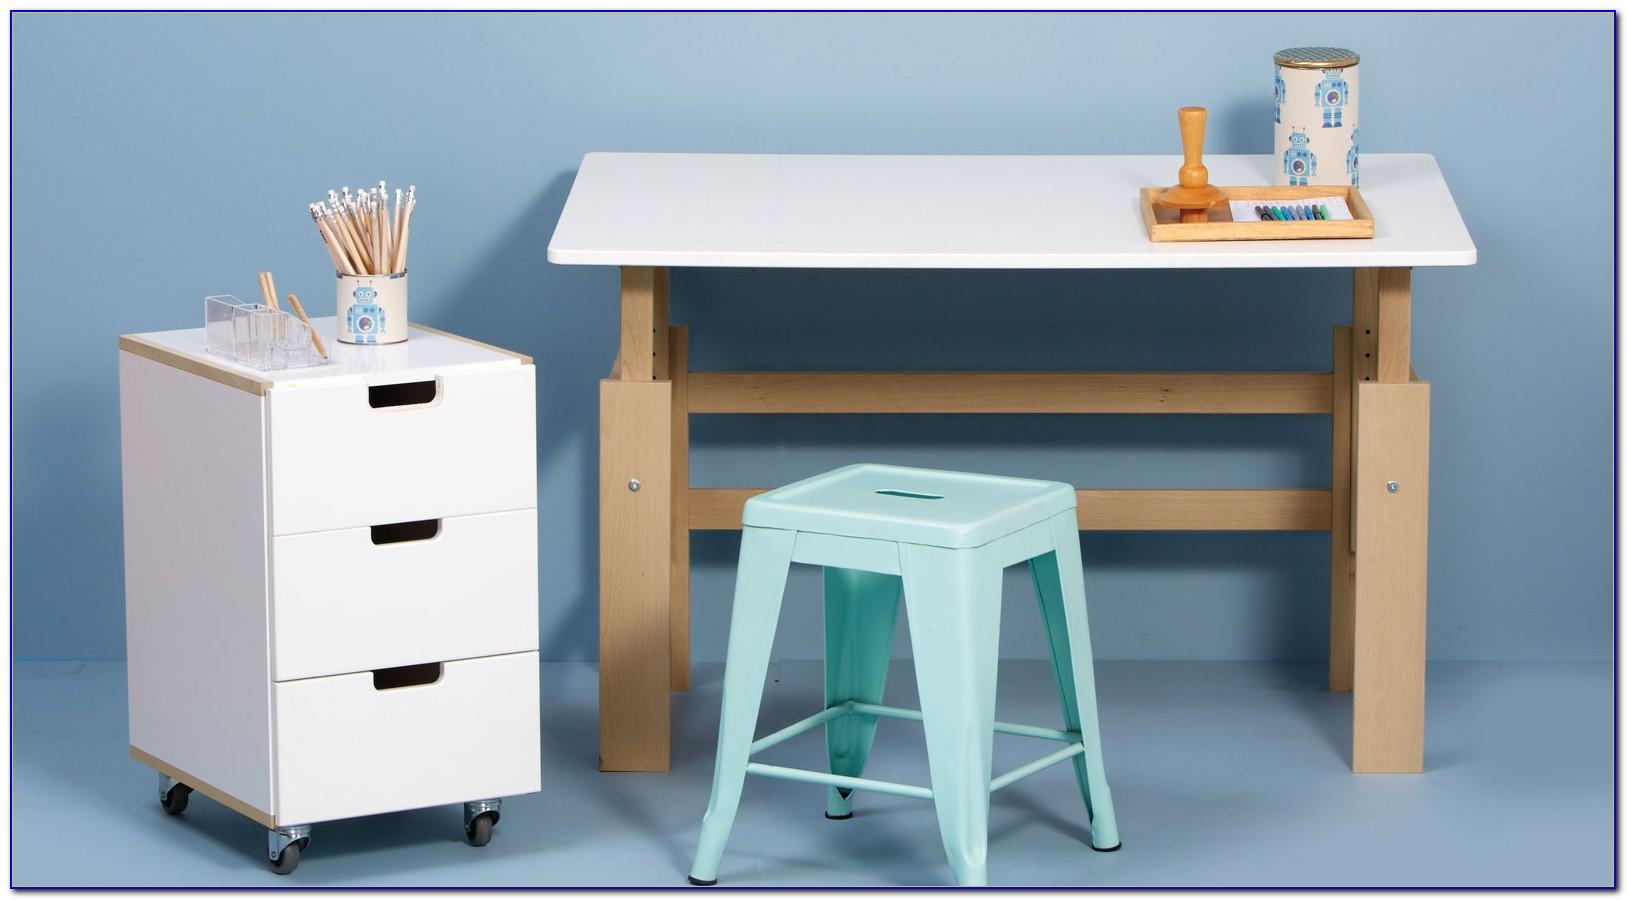 Höhenverstellbarer Schreibtisch Ikea Test